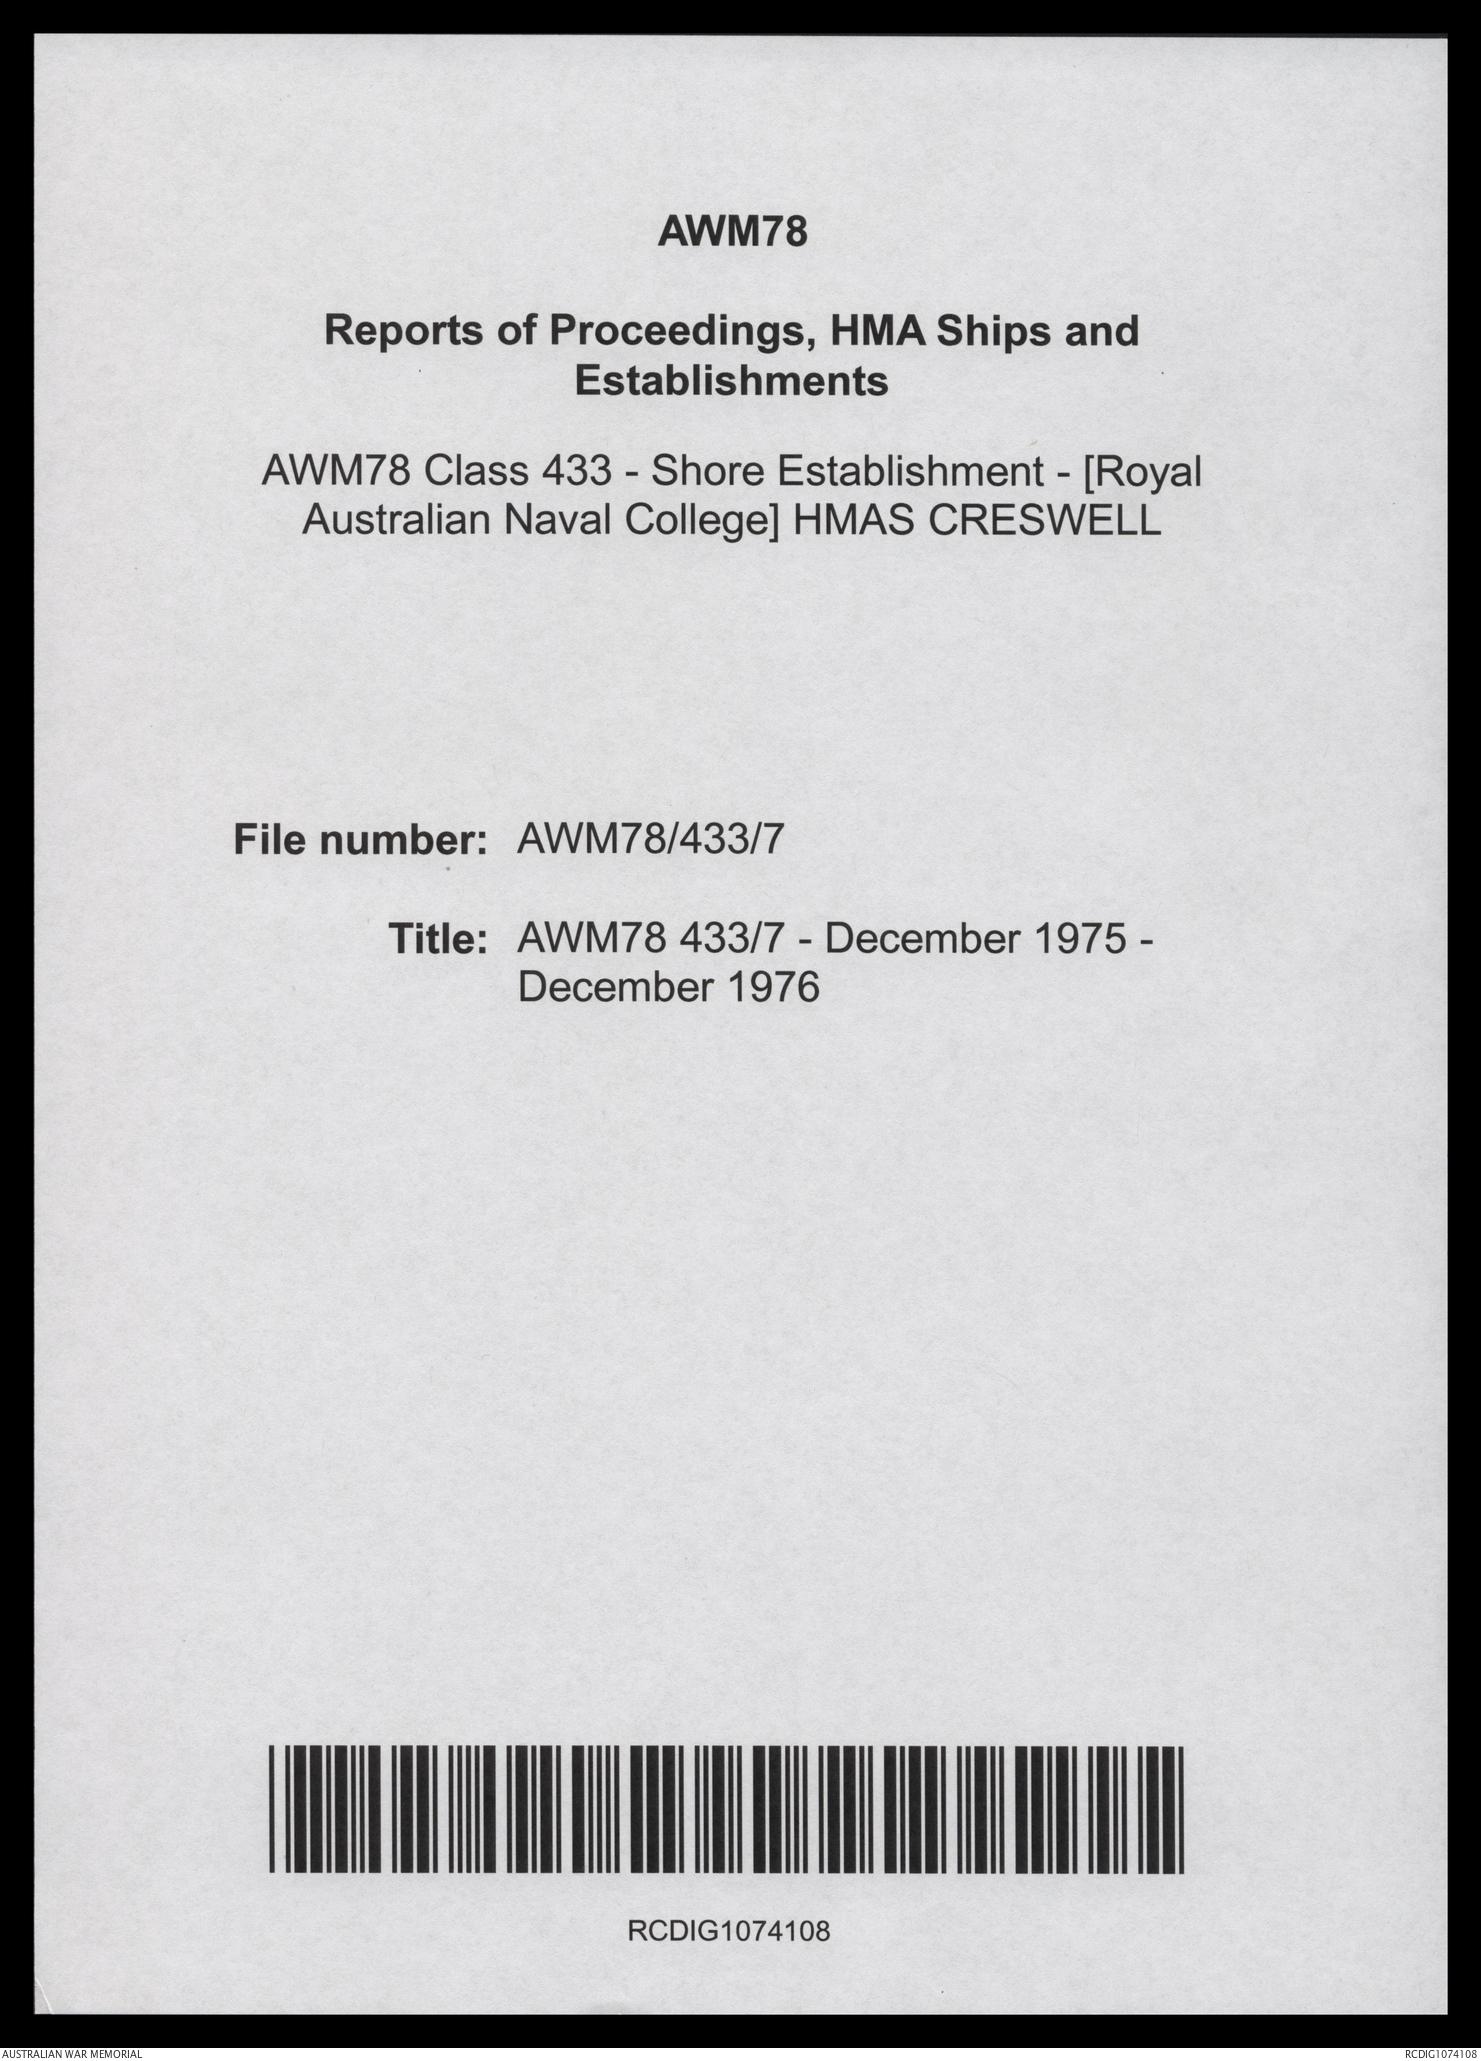 AWM78 433/7 - December 1975 - December 1976 | The Australian War